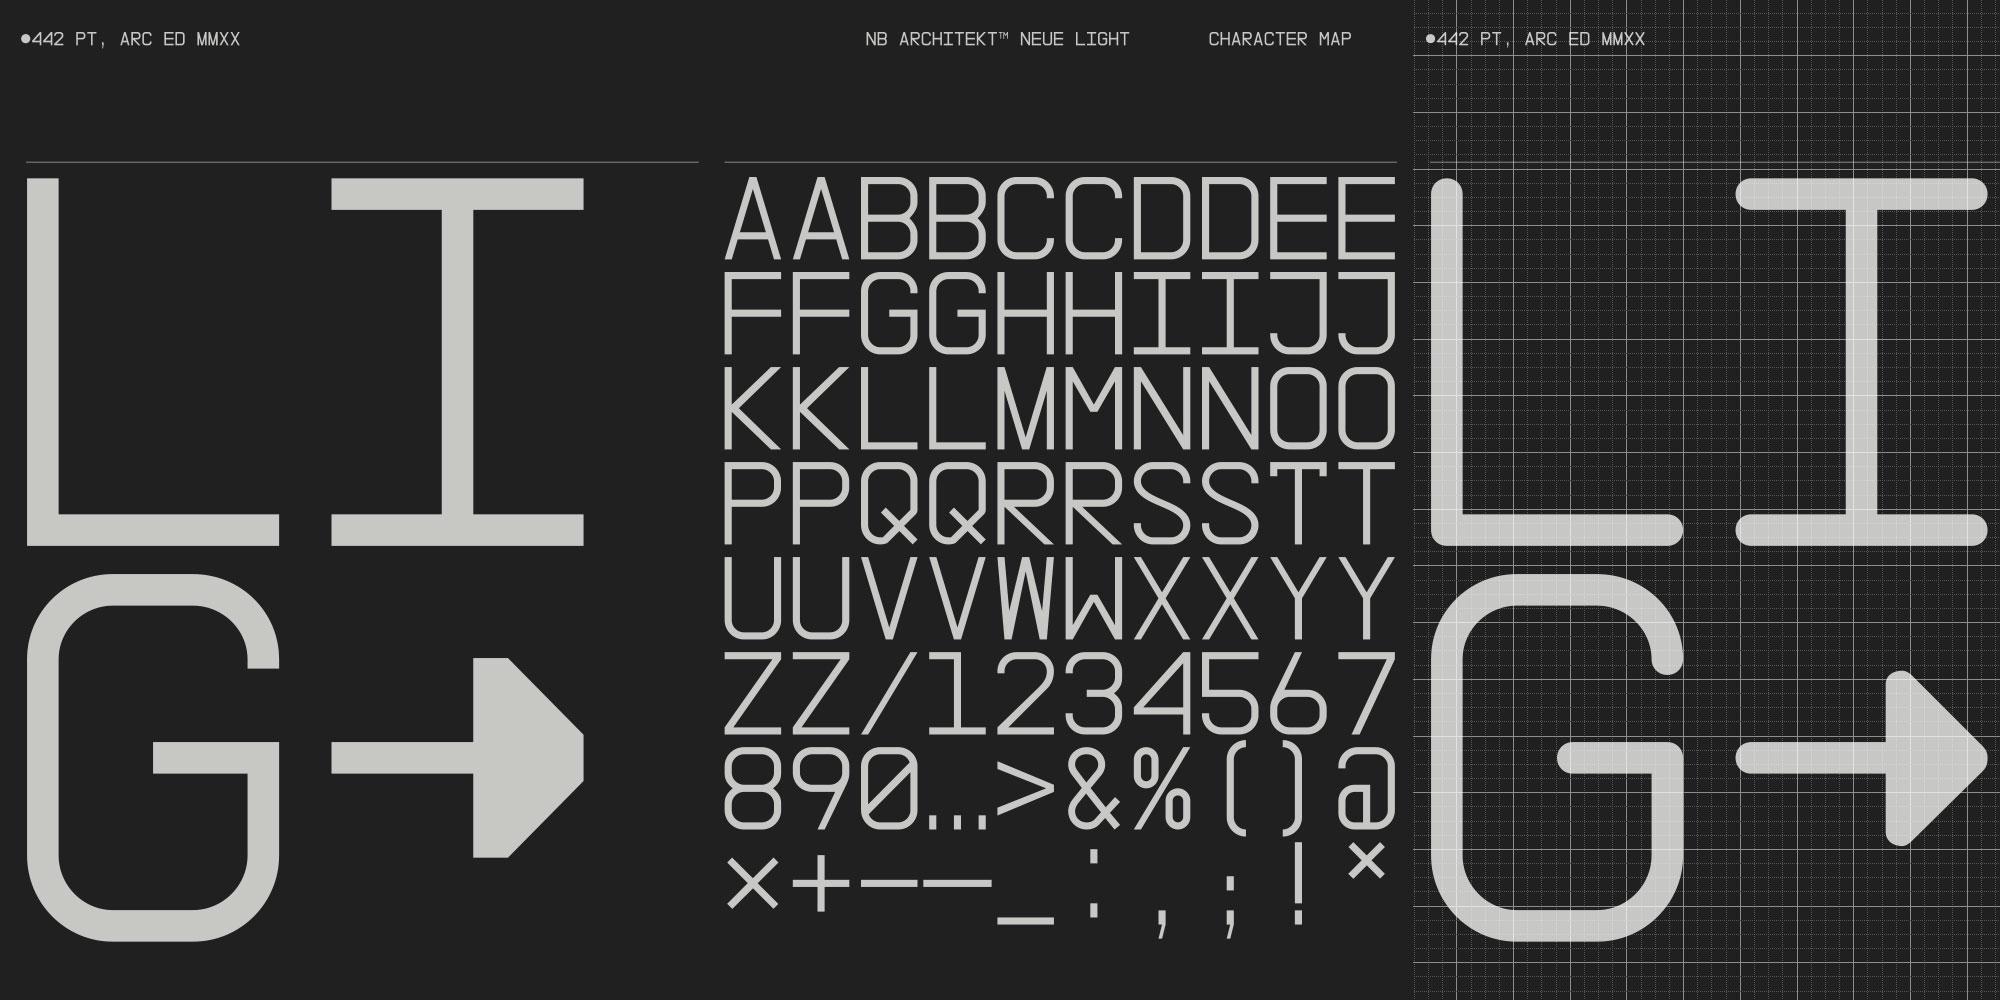 NBL_NB_Architekt_ED_MMXX_LGT_N